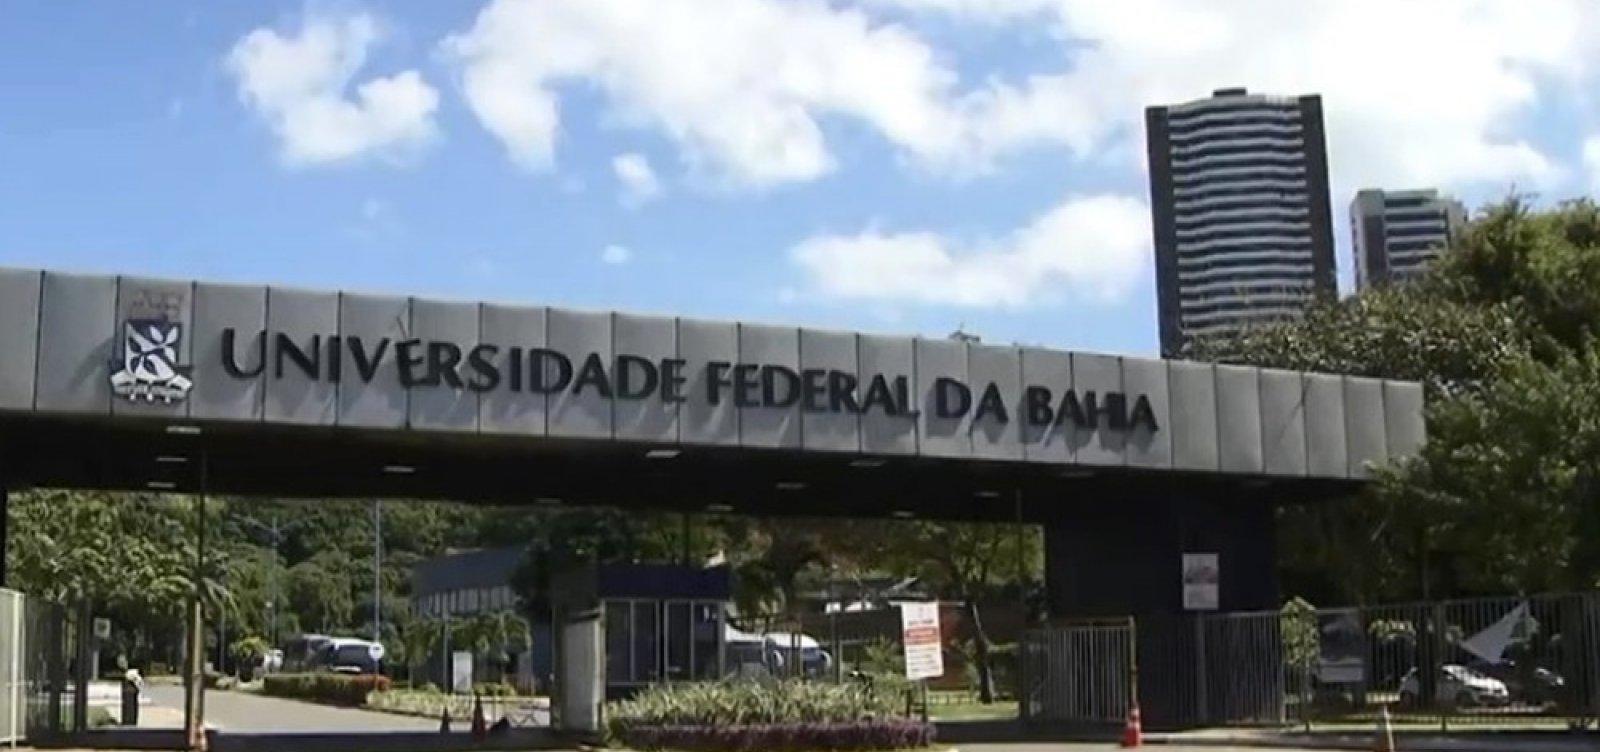 Sem segurança, Ufba cancela aulas noturnas desta quarta-feira